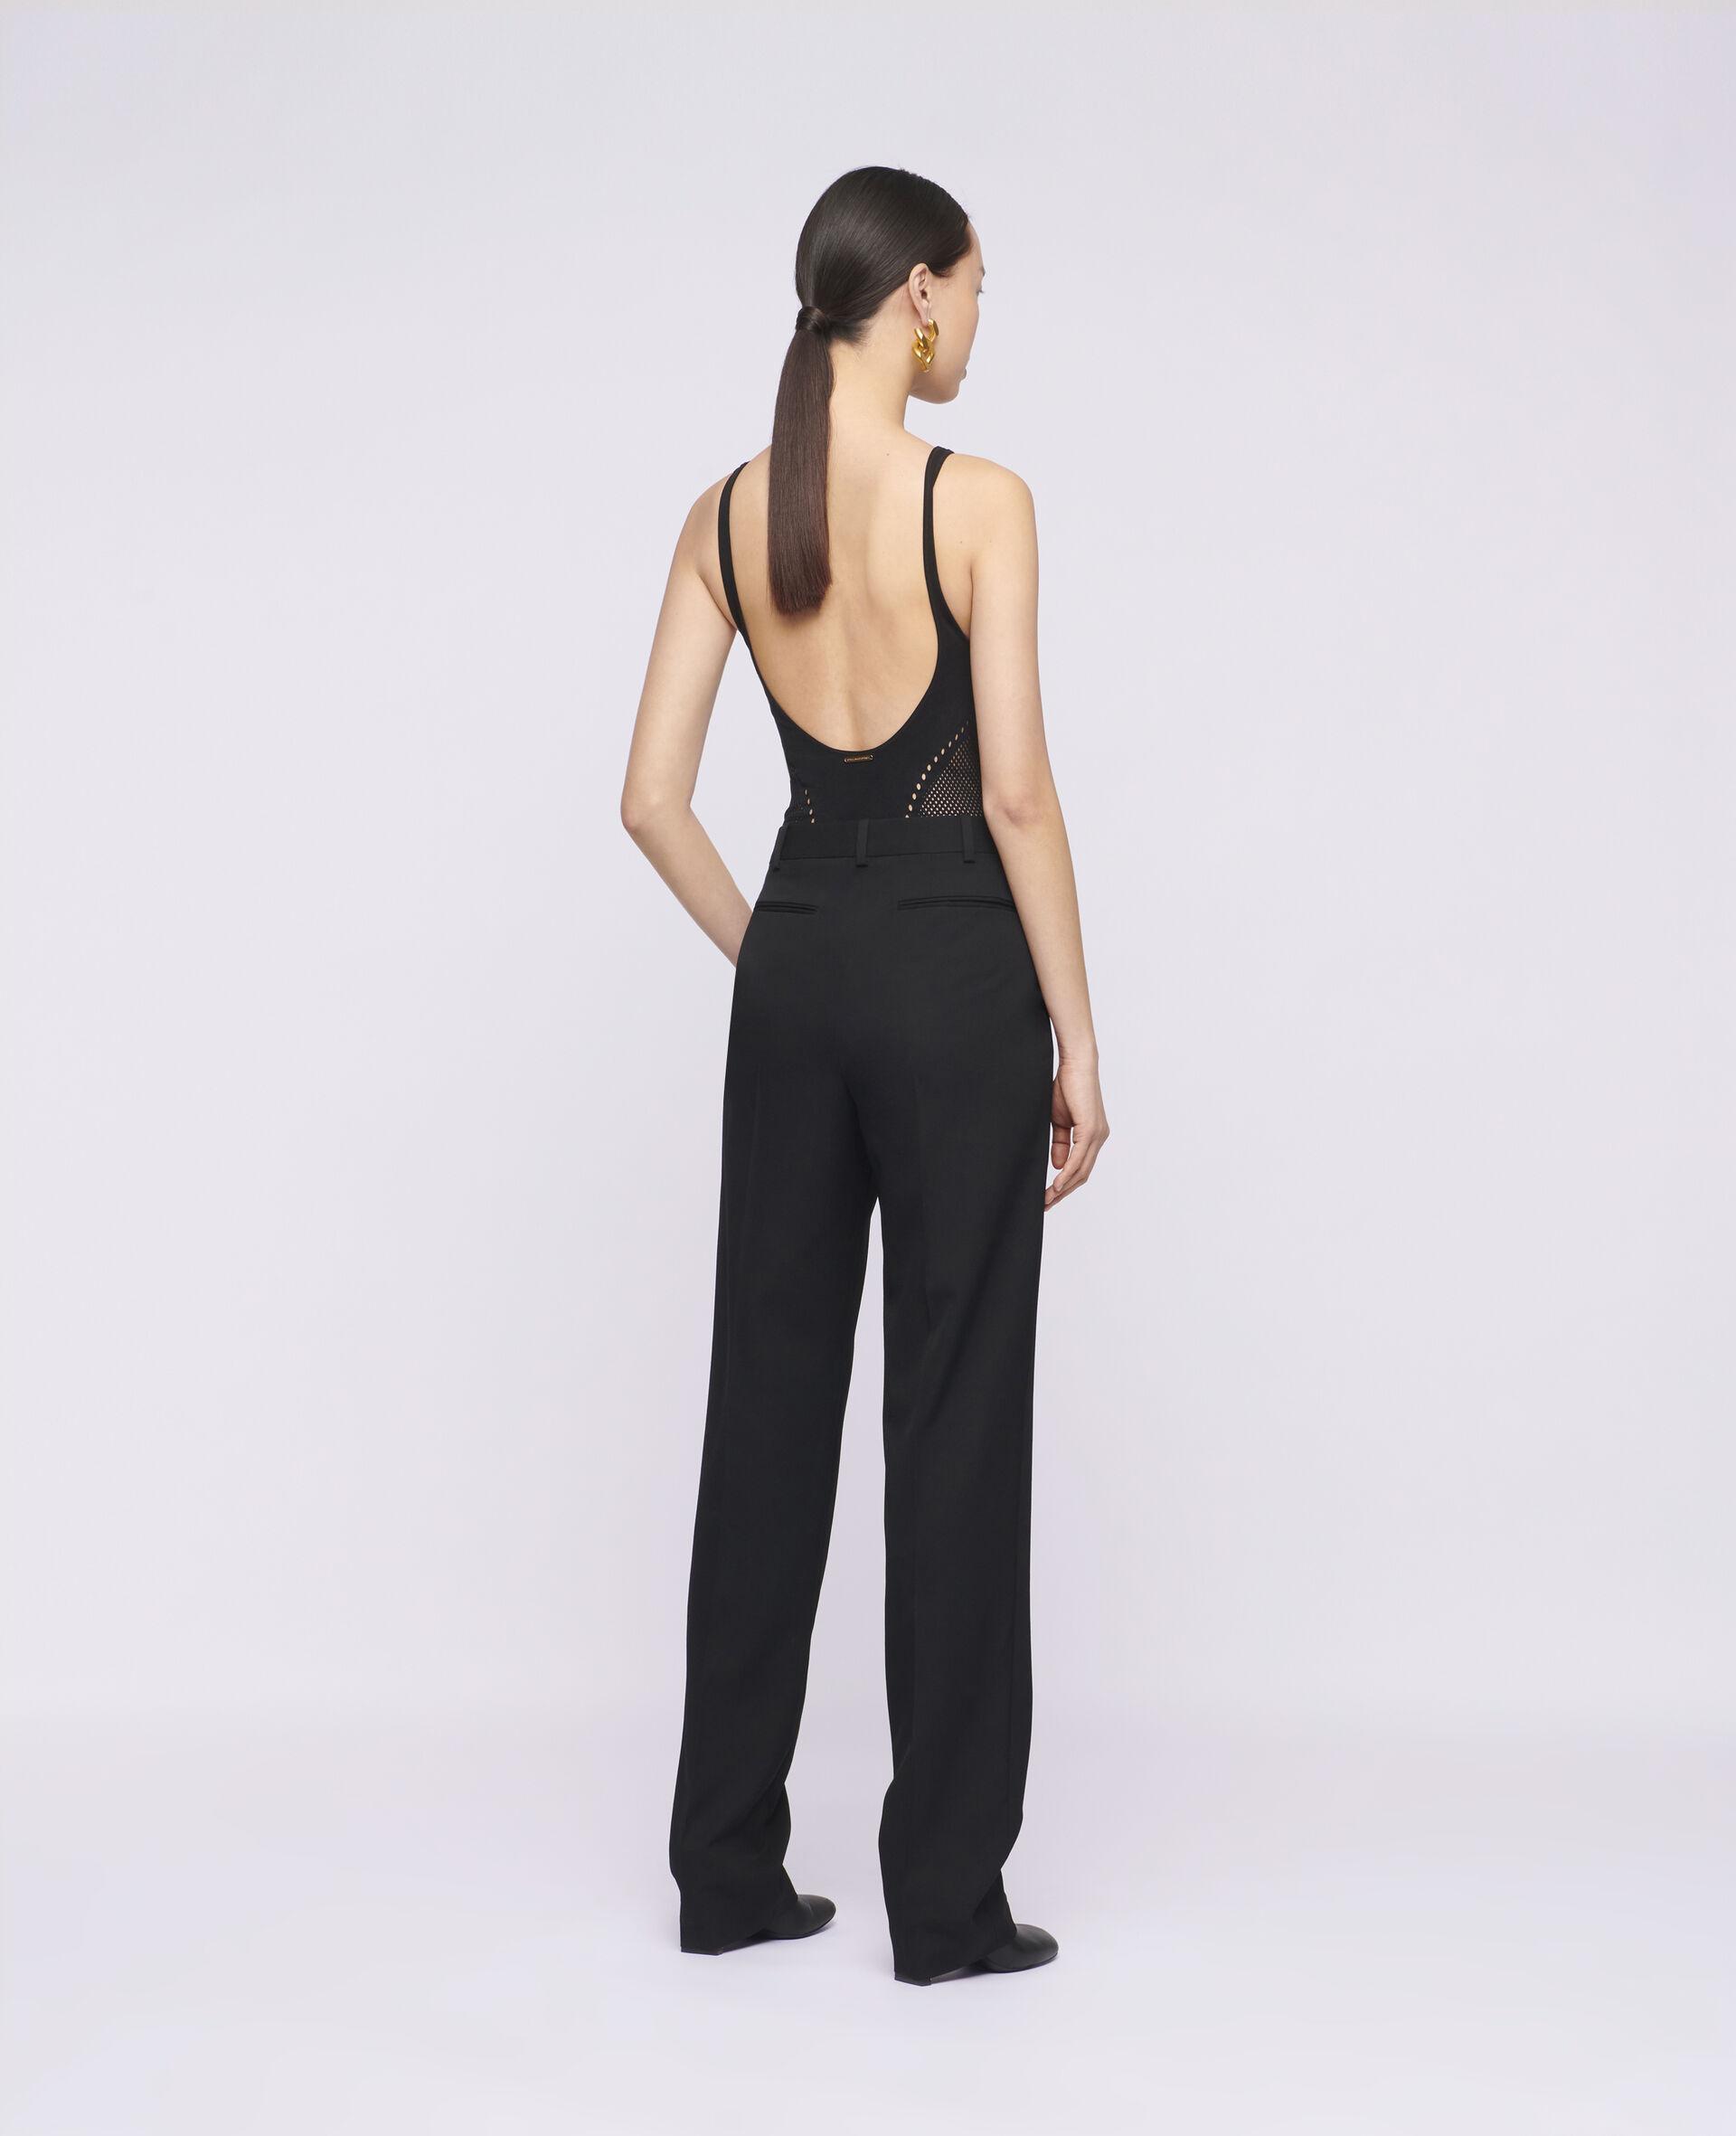 Lara 羊毛裤装-黑色-large image number 2